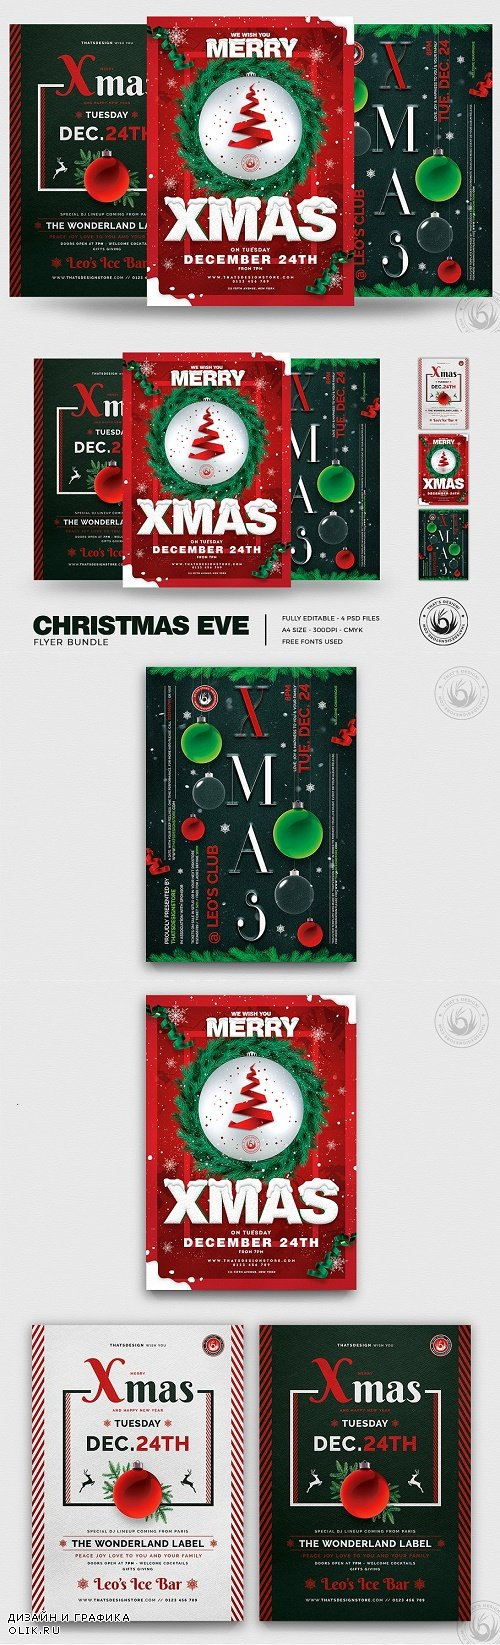 Christmas Eve Flyer Bundle V2 - 4280686